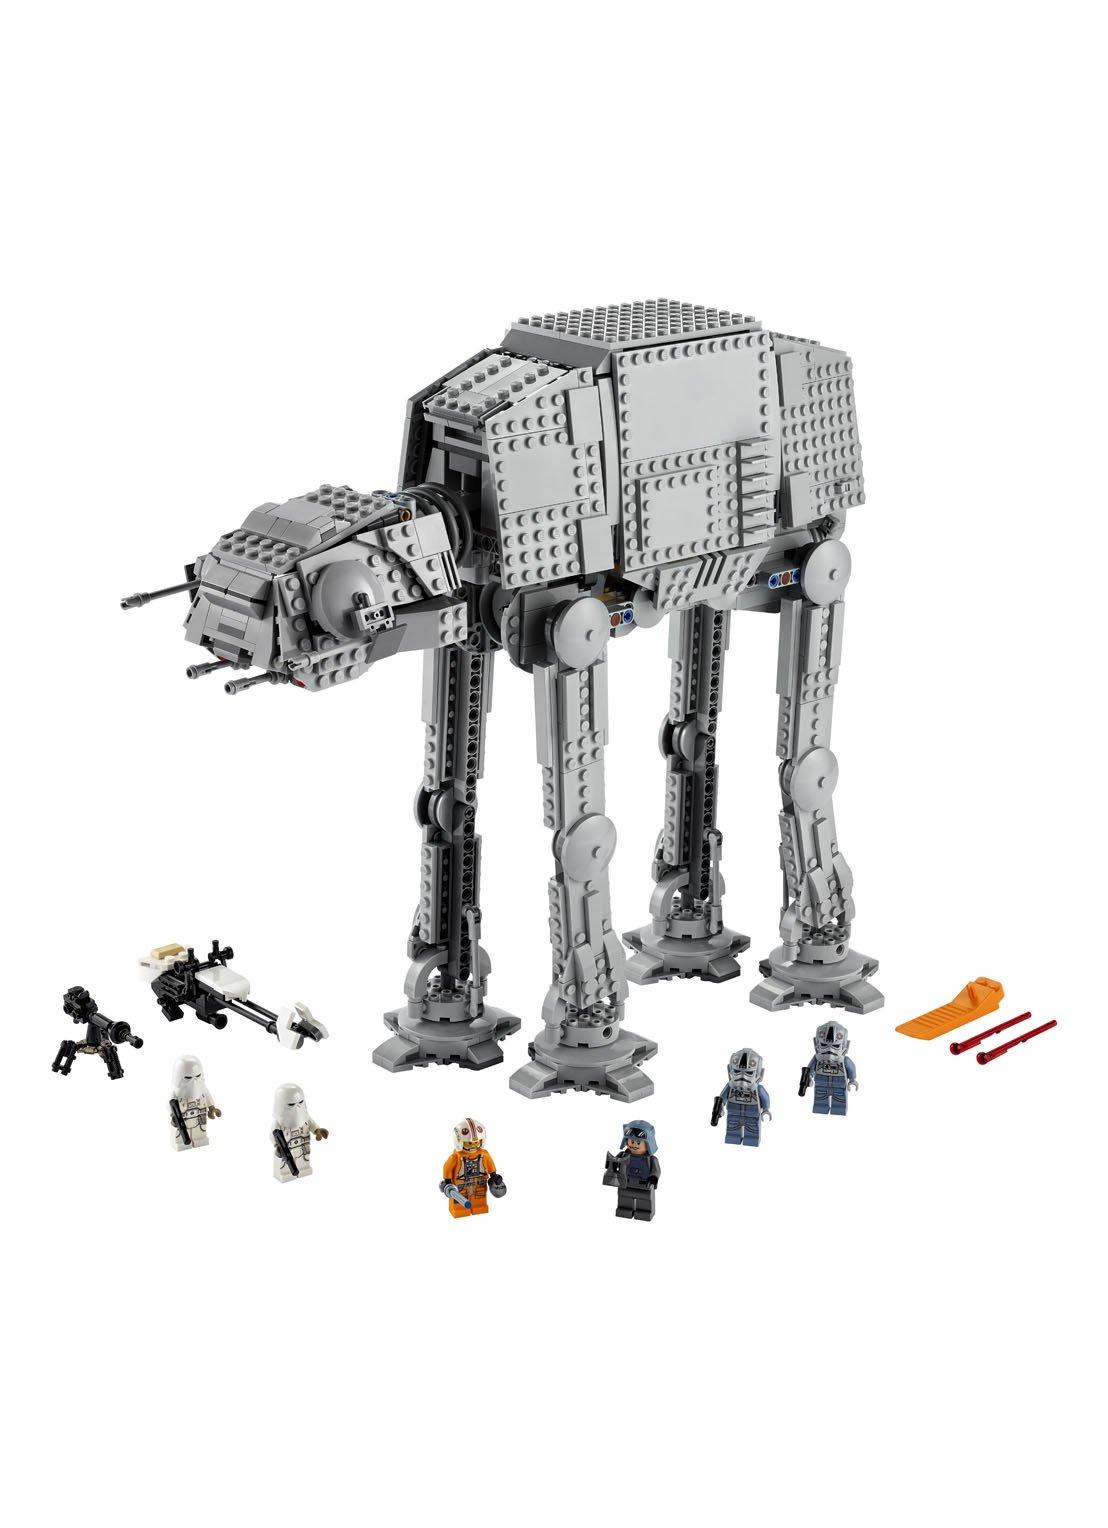 LEGO AT-AT – 75288